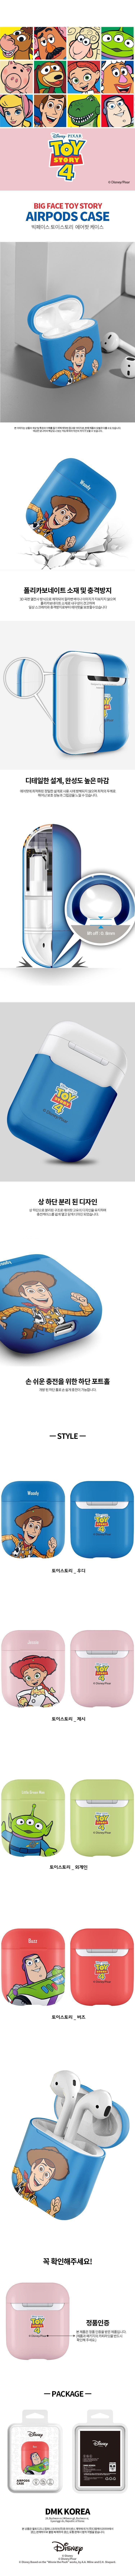 (버즈) 토이스토리 빅페이스 에어팟 2세대 하드 케이스 (1 2 공용) - 원스, 19,900원, 이어폰, 이어폰 악세서리